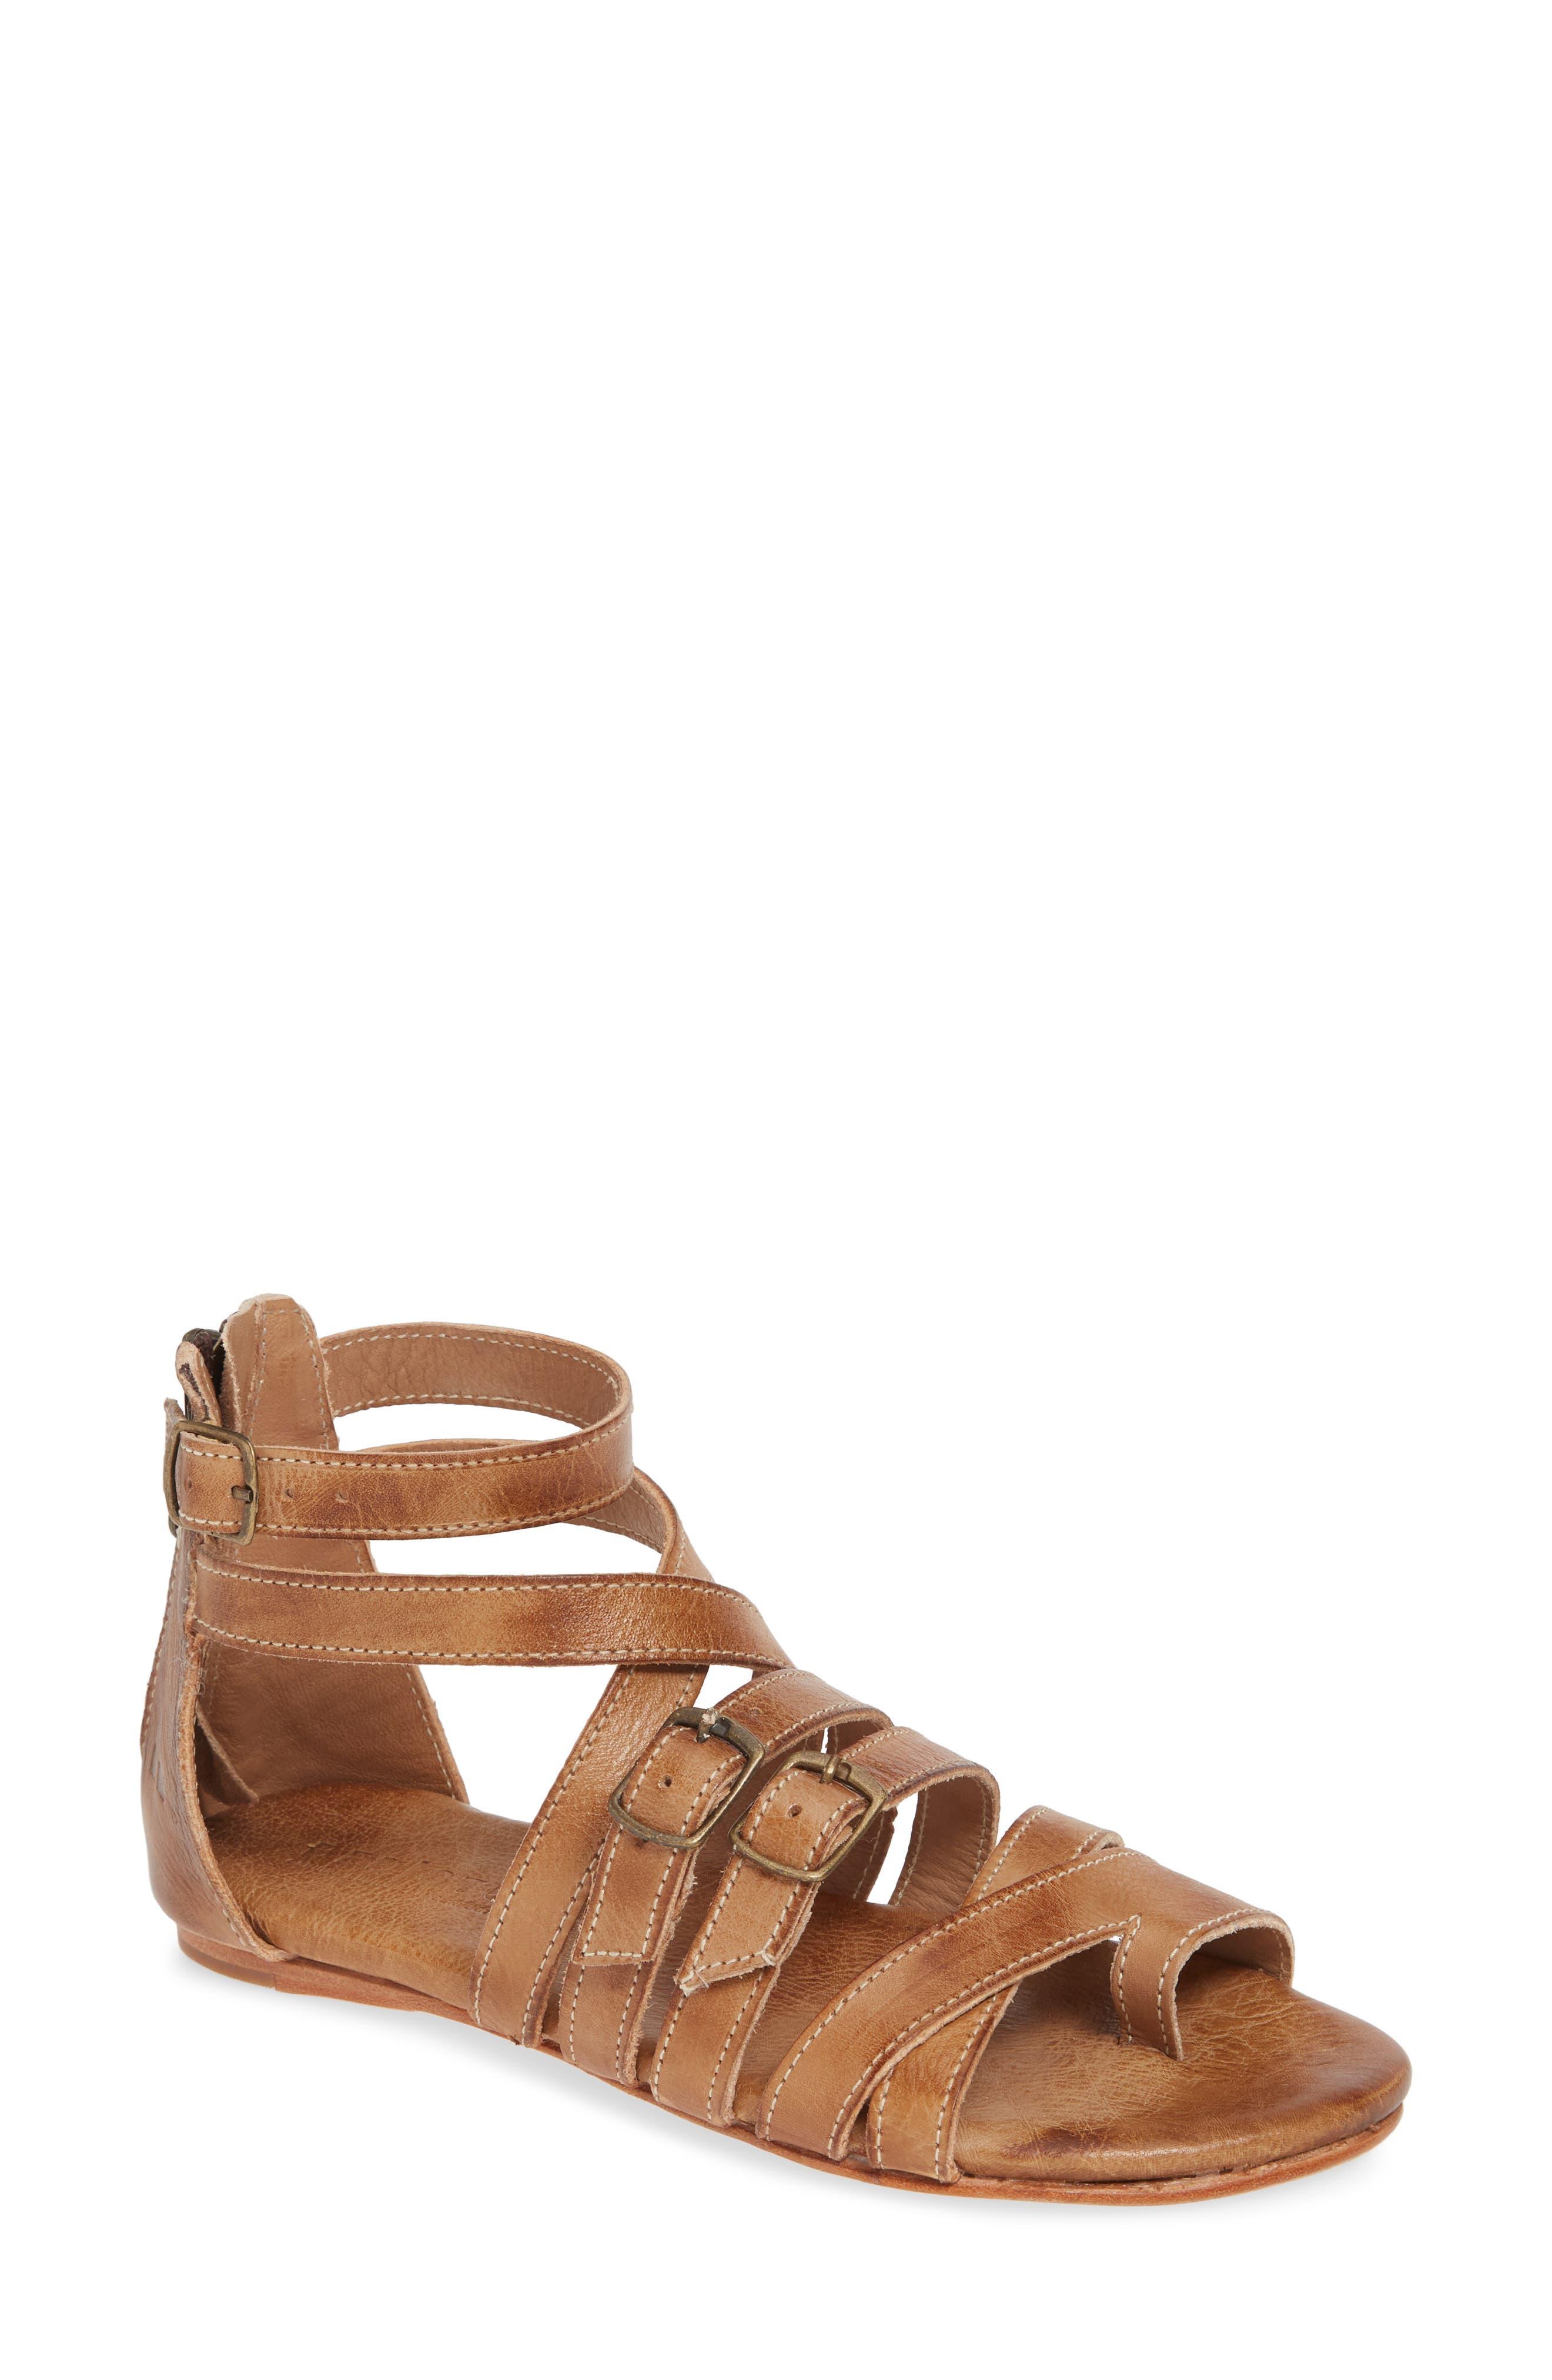 Bed Stu Miya Gladiator Sandal (Women)